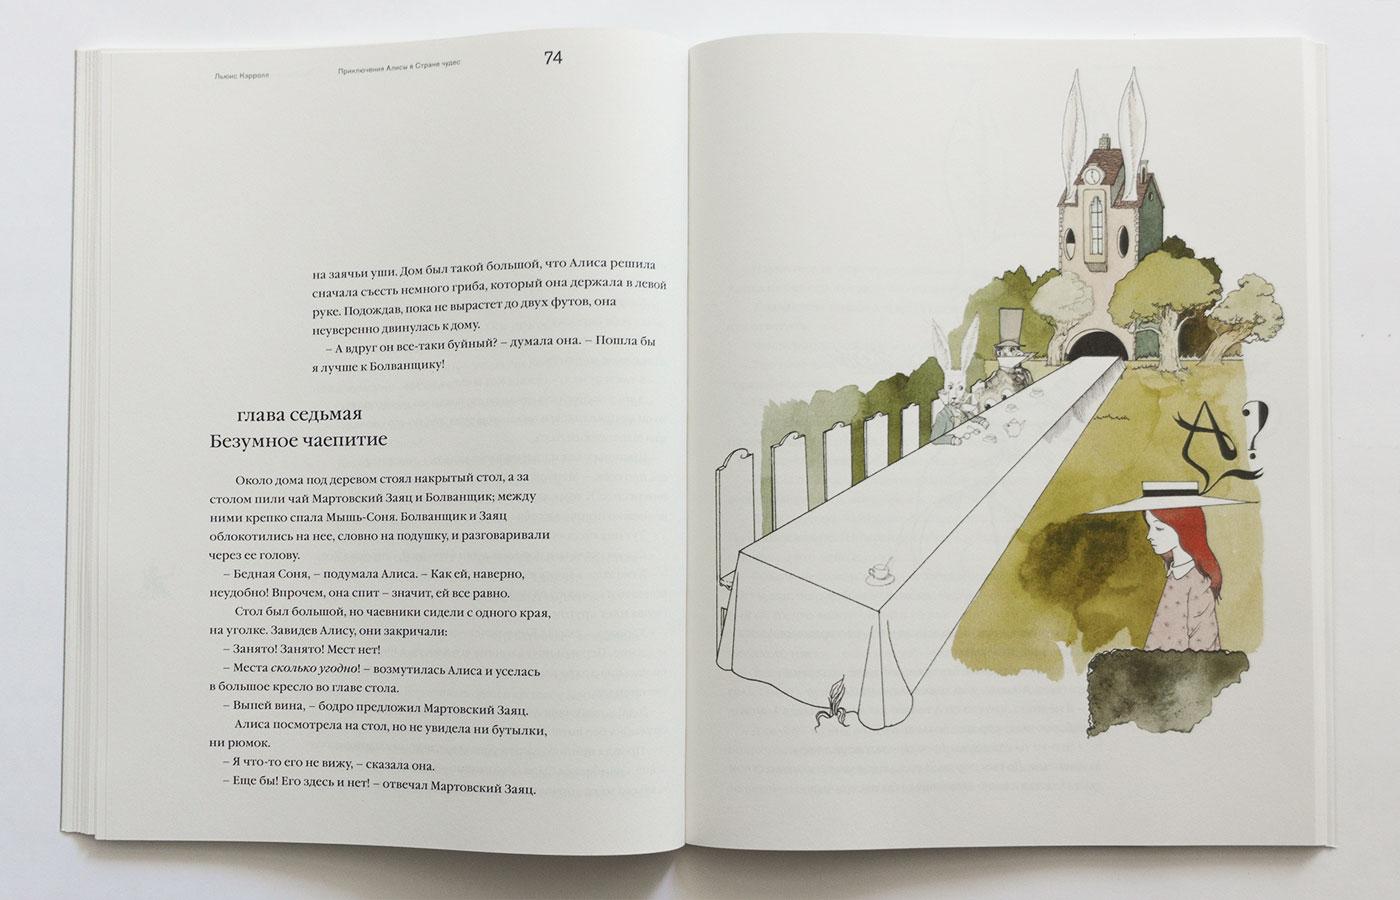 Иллюстрация Павла Пепперштейна к «Приключениям Алисы в Стране чудес»